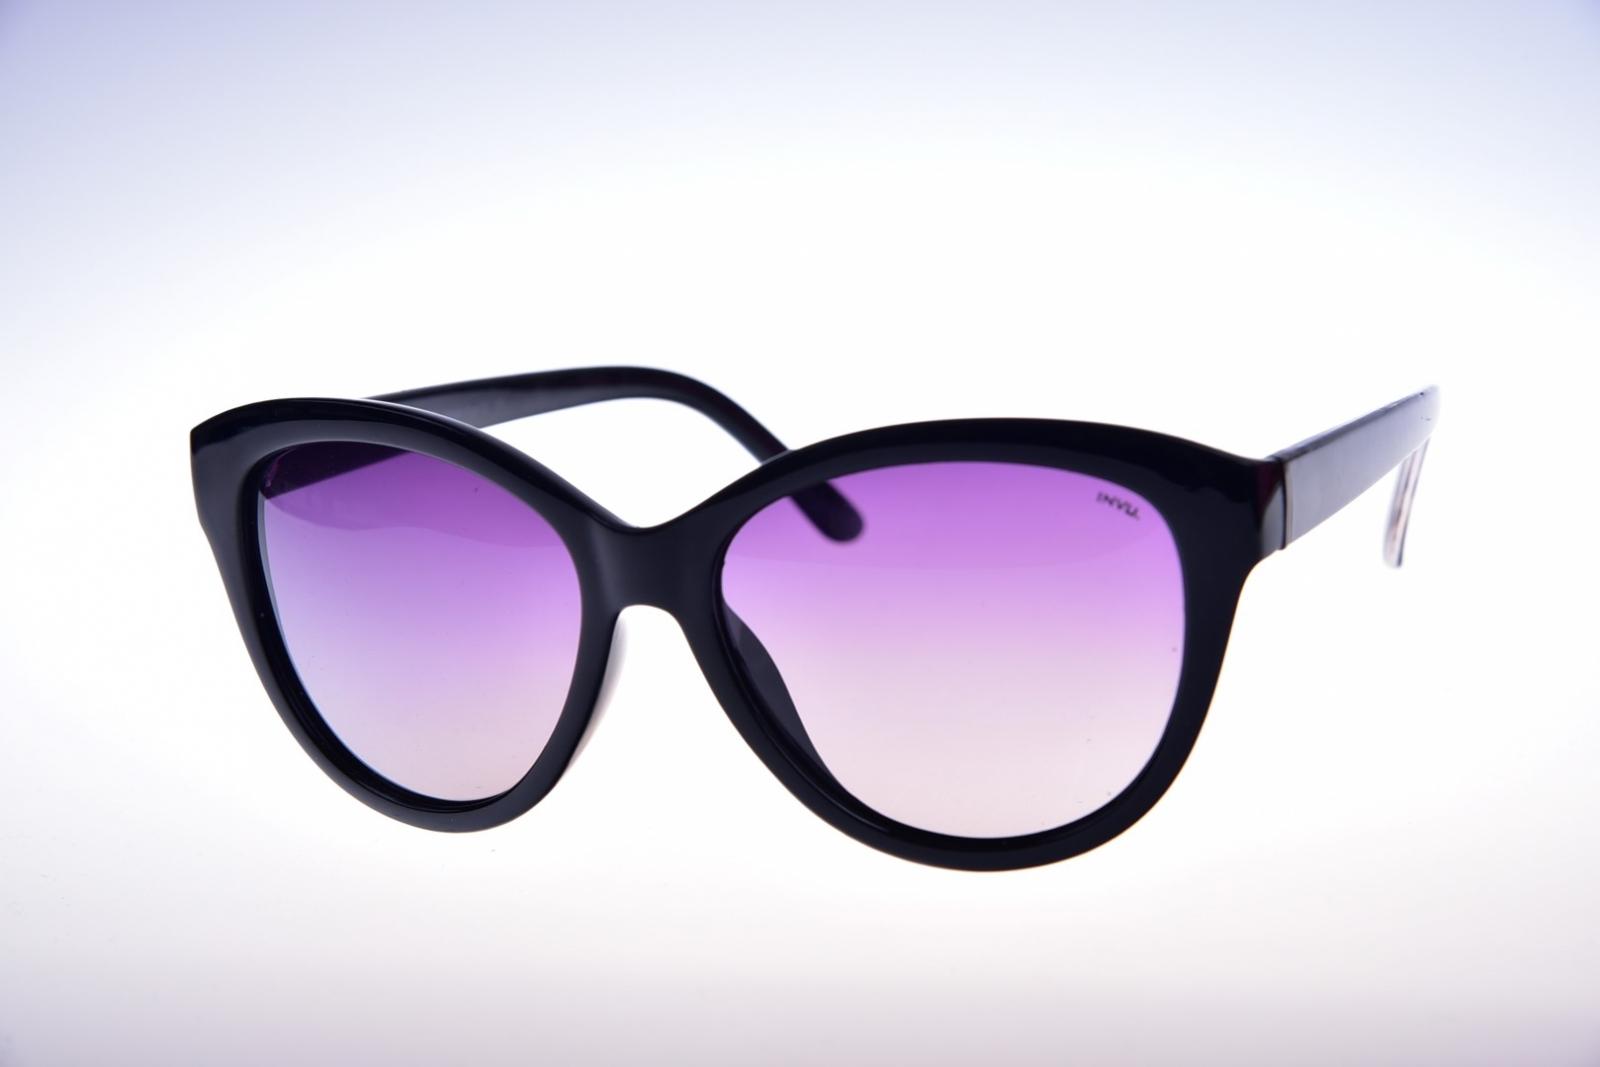 753b517e3 INVU. Trend T2610F - Dámske, pánske a detské slnečné okuliare ...